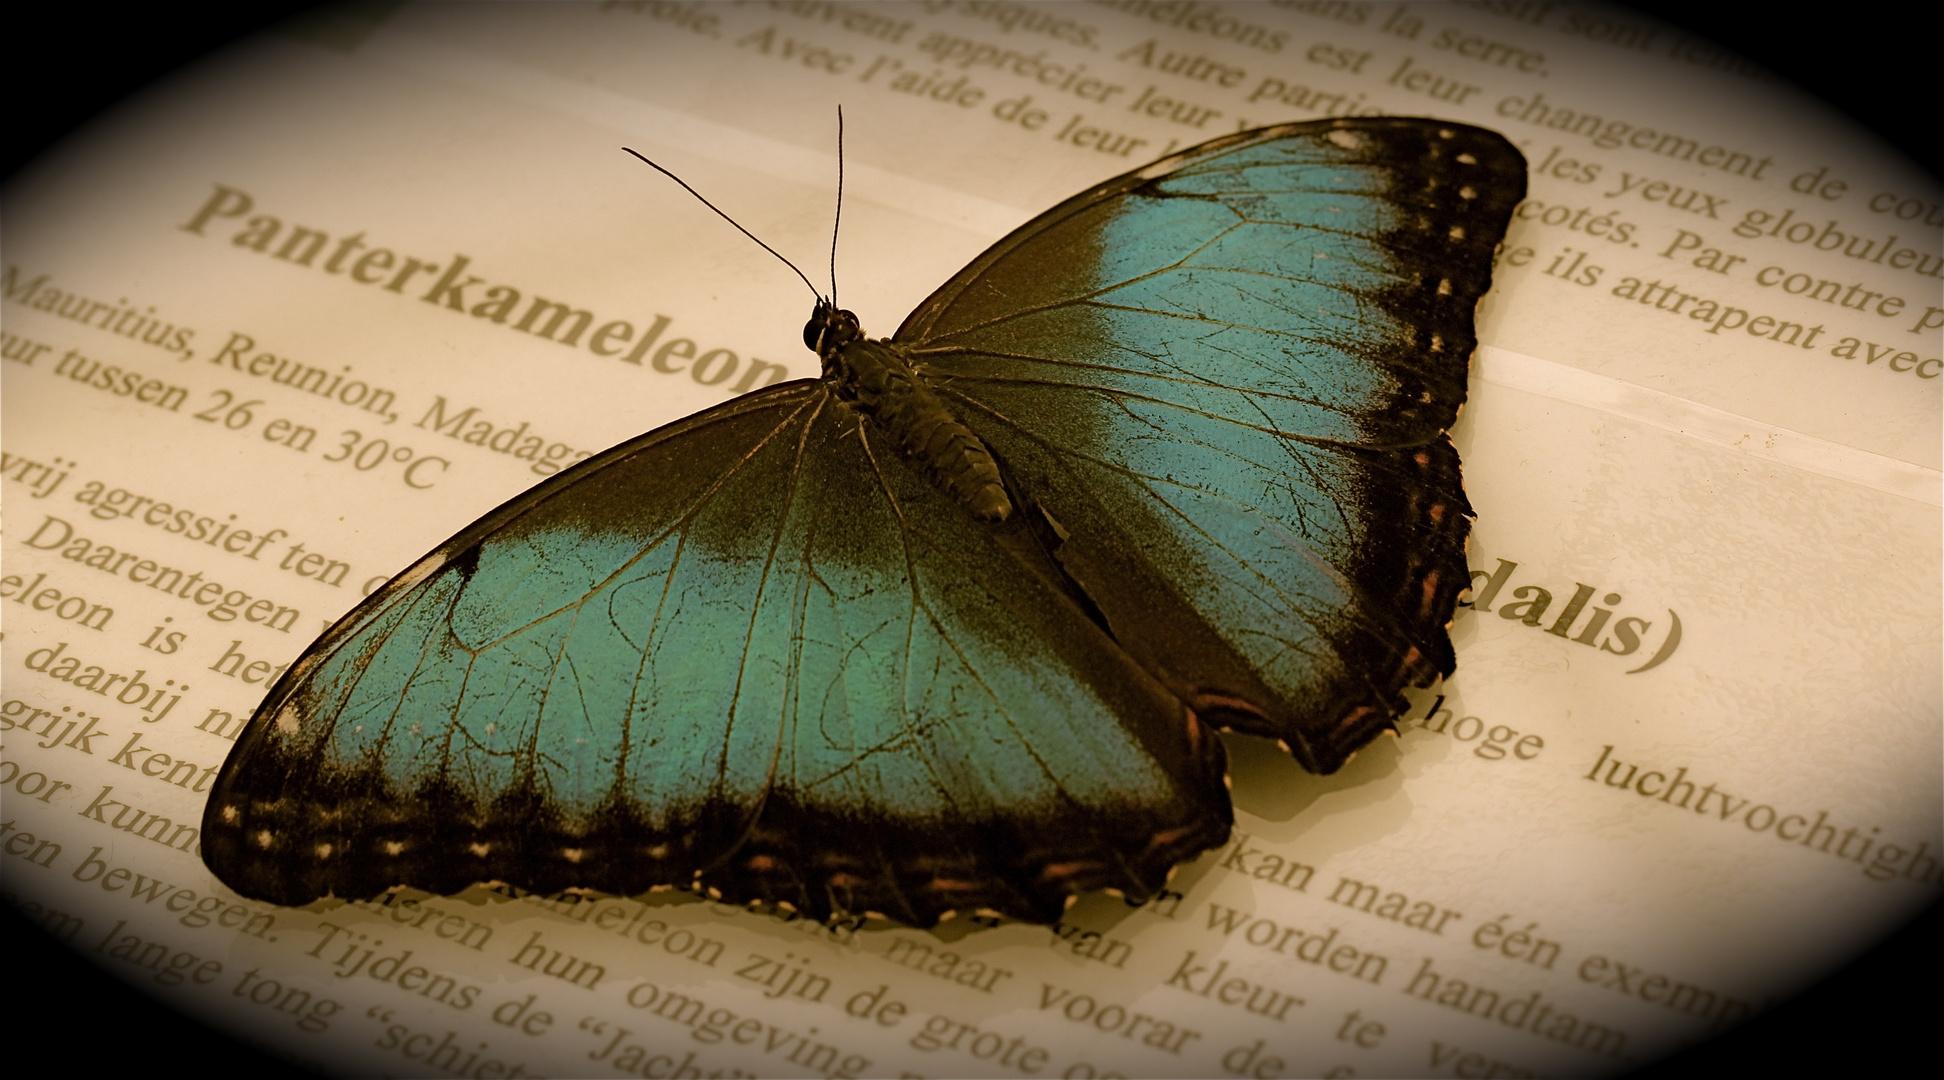 Die Zeitlosigkeit der Geschichte - ein Flügelschlag, unsere Momente